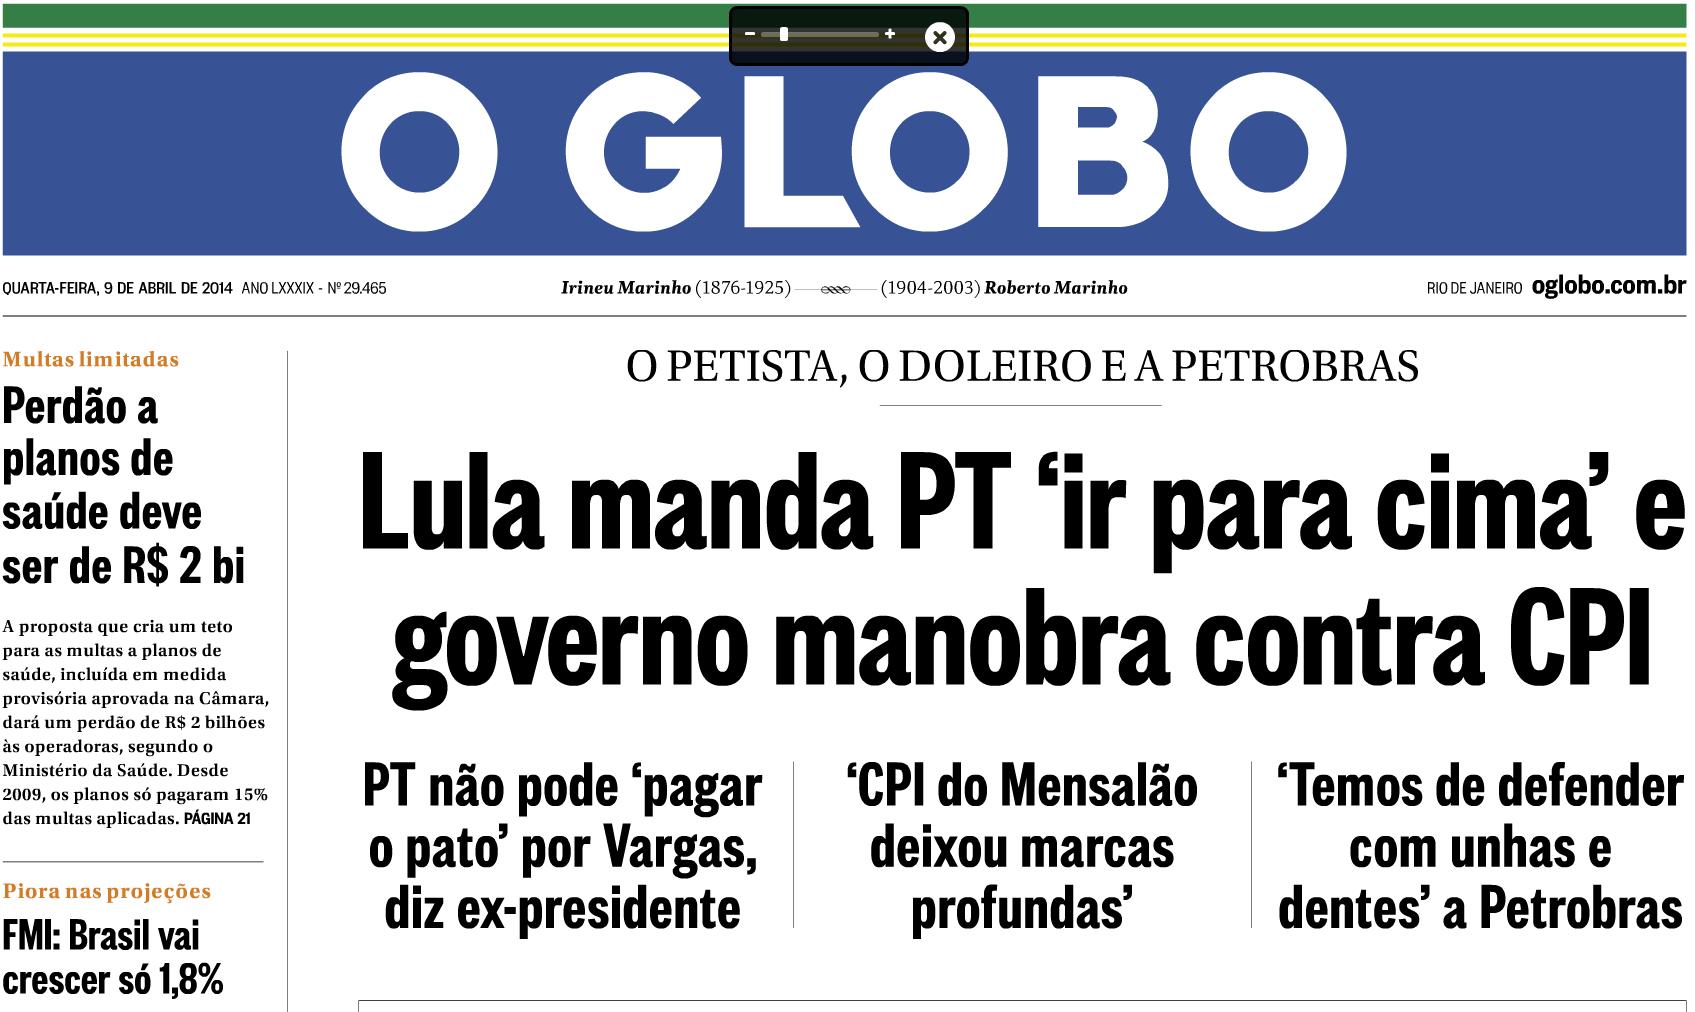 2-Globo-primeira-pagina-09abr2014